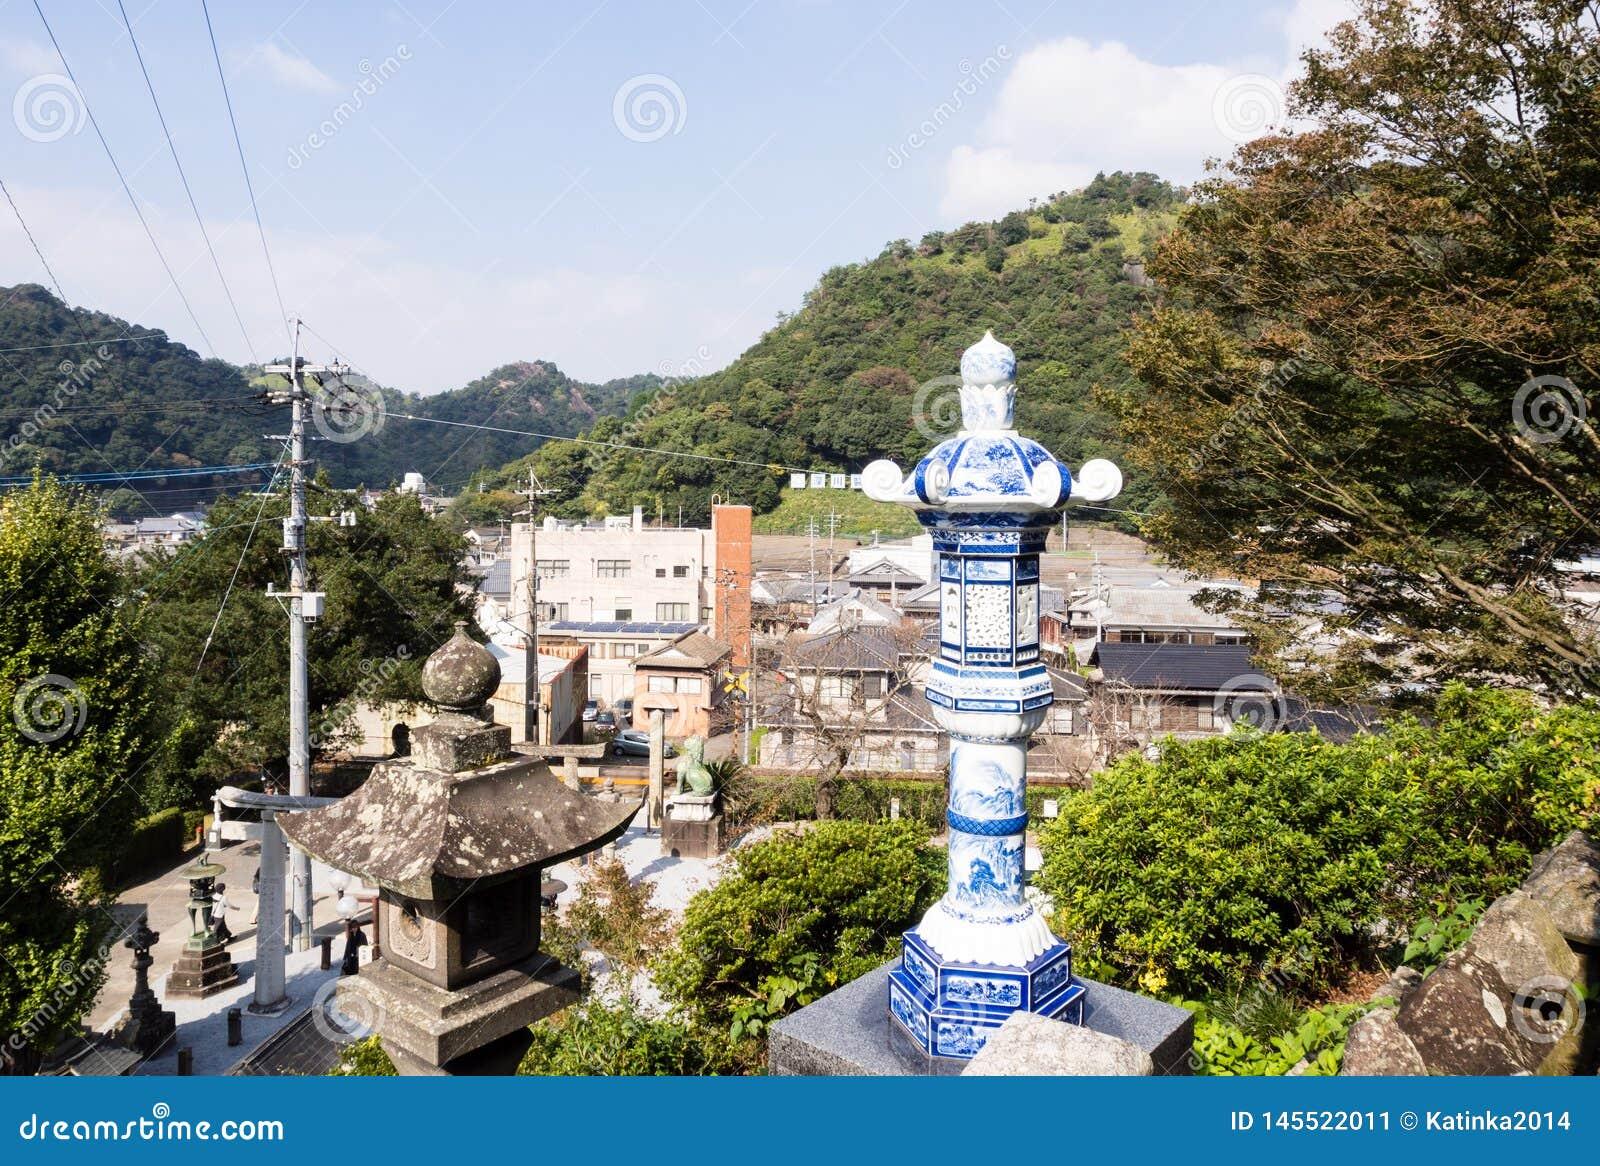 Πανοραμική άποψη της πόλης Arita από τους λόγους της ιστορικής λάρνακας Tozan διάσημης για την κεραμική τέχνη του